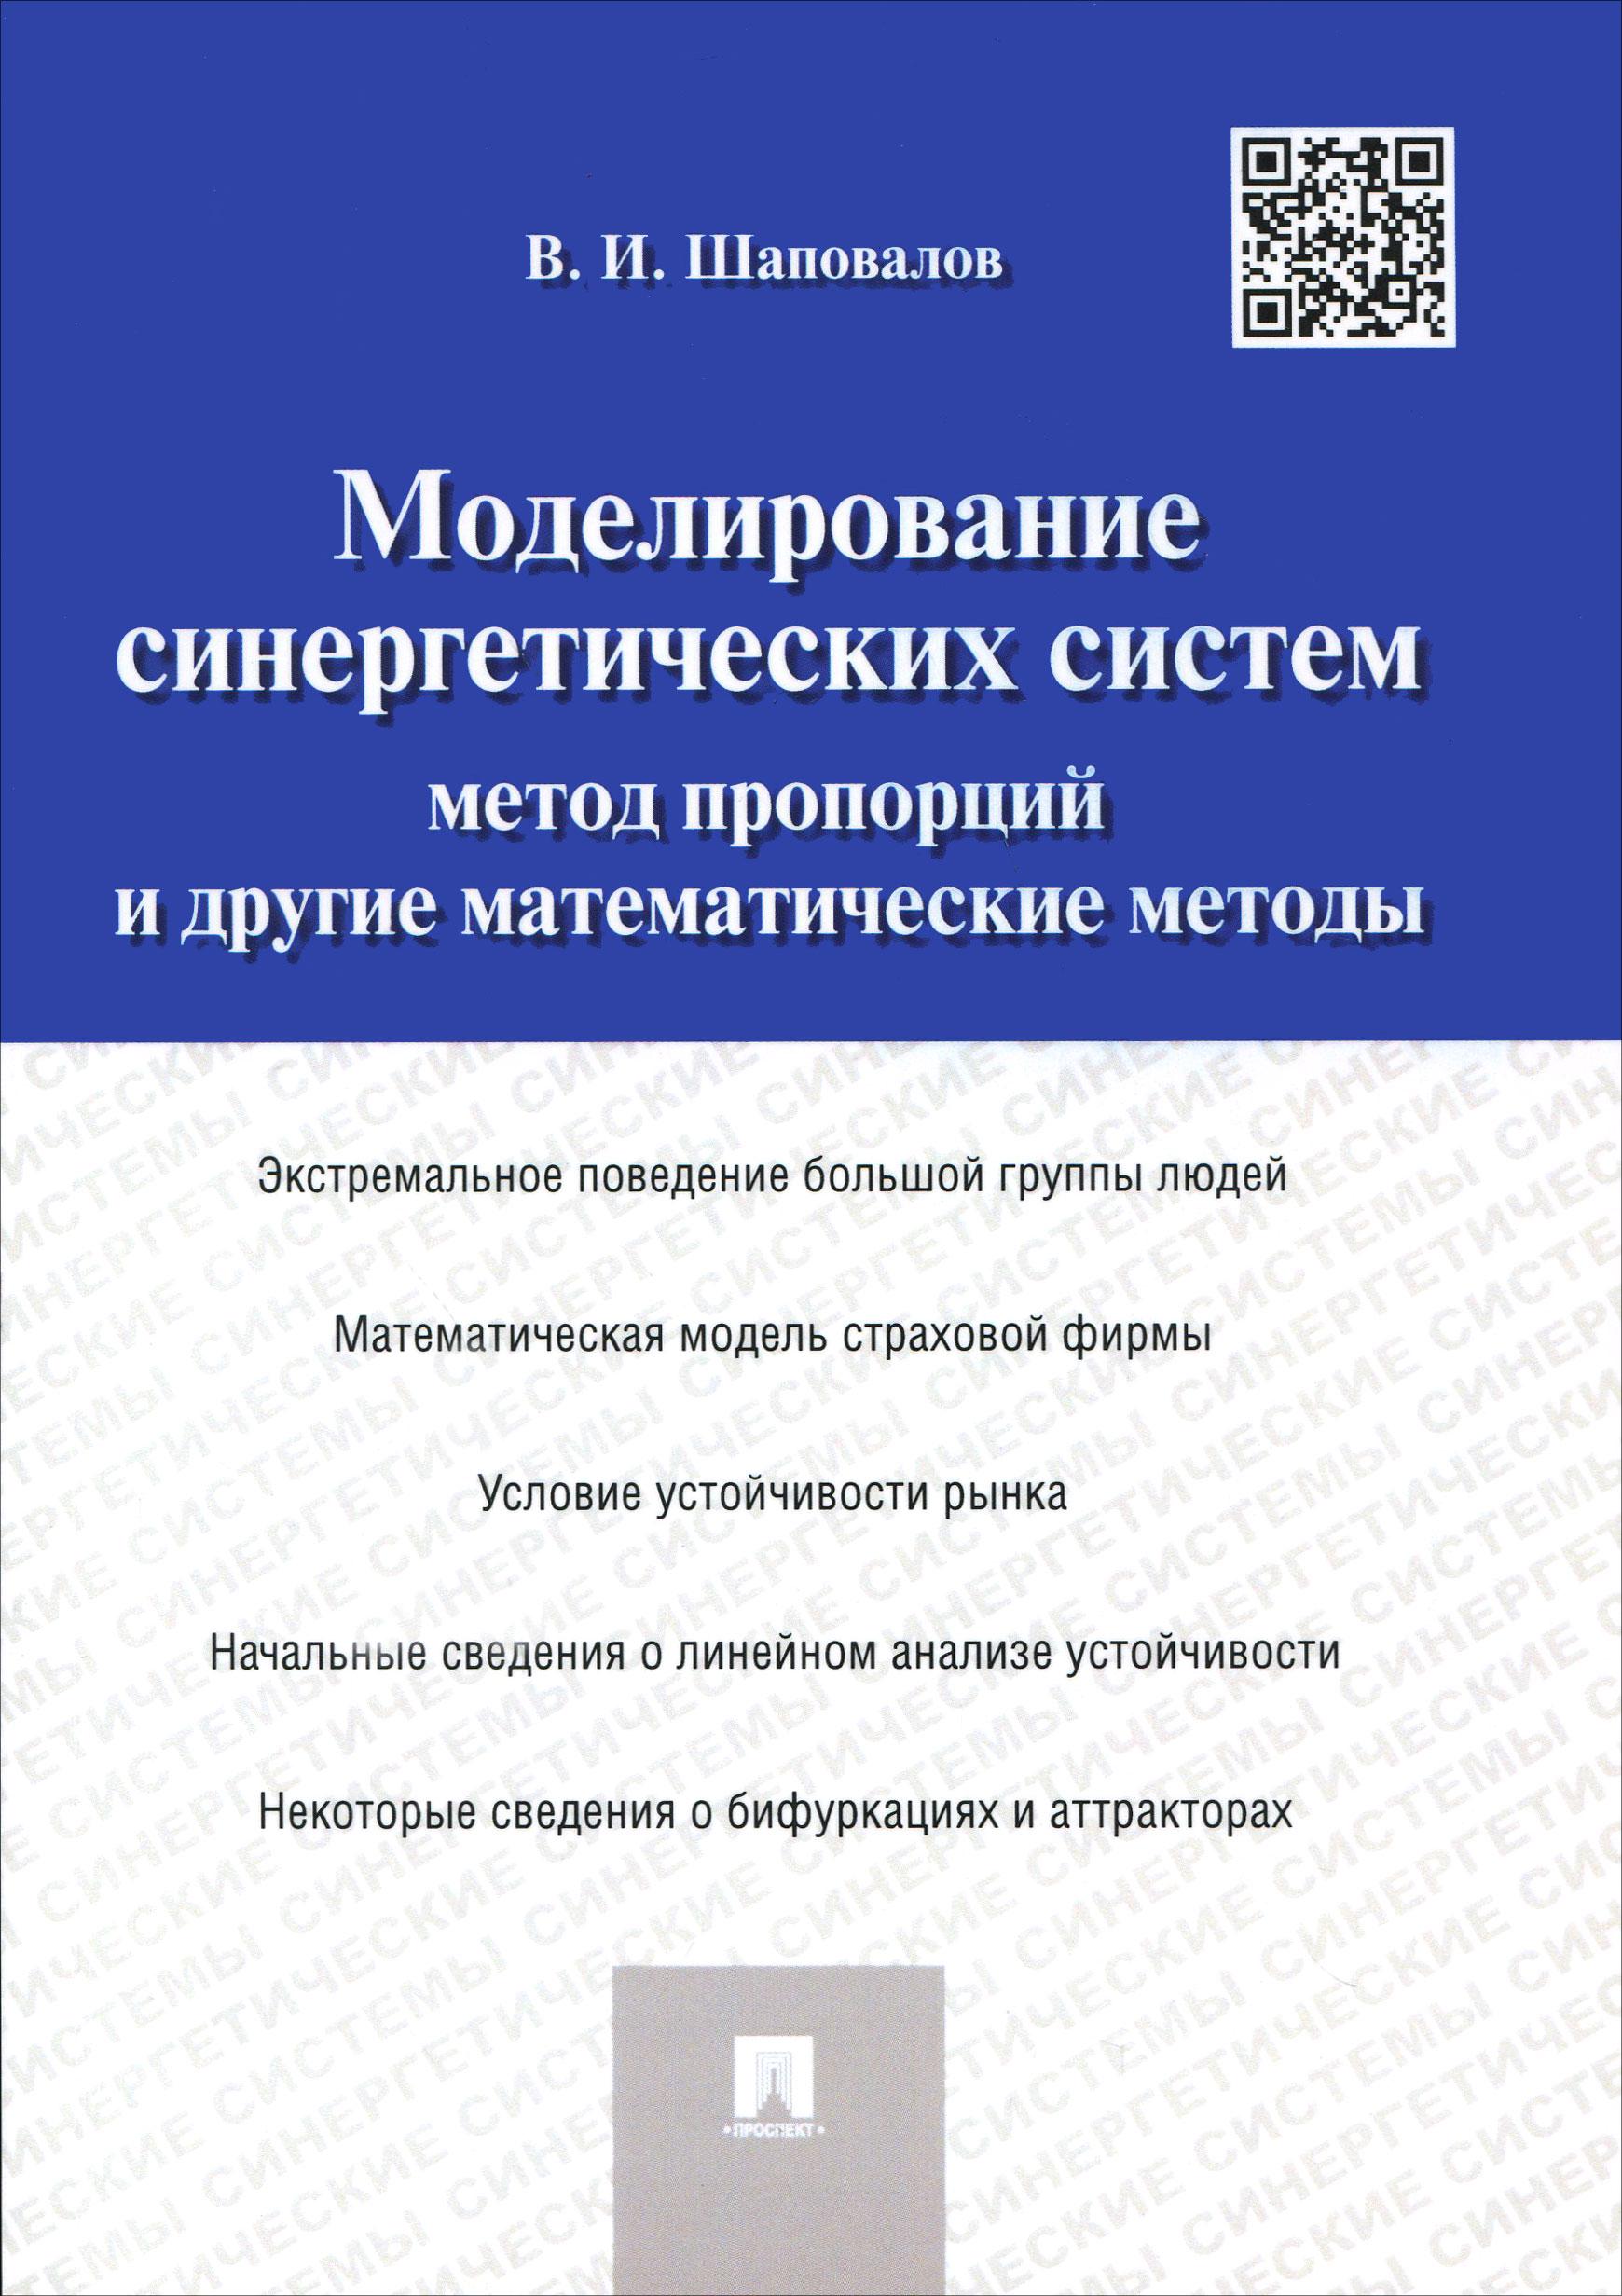 Моделирование синергетических систем. Метод пропорций и другие математические методы ( 978-5-392-18110-0 )